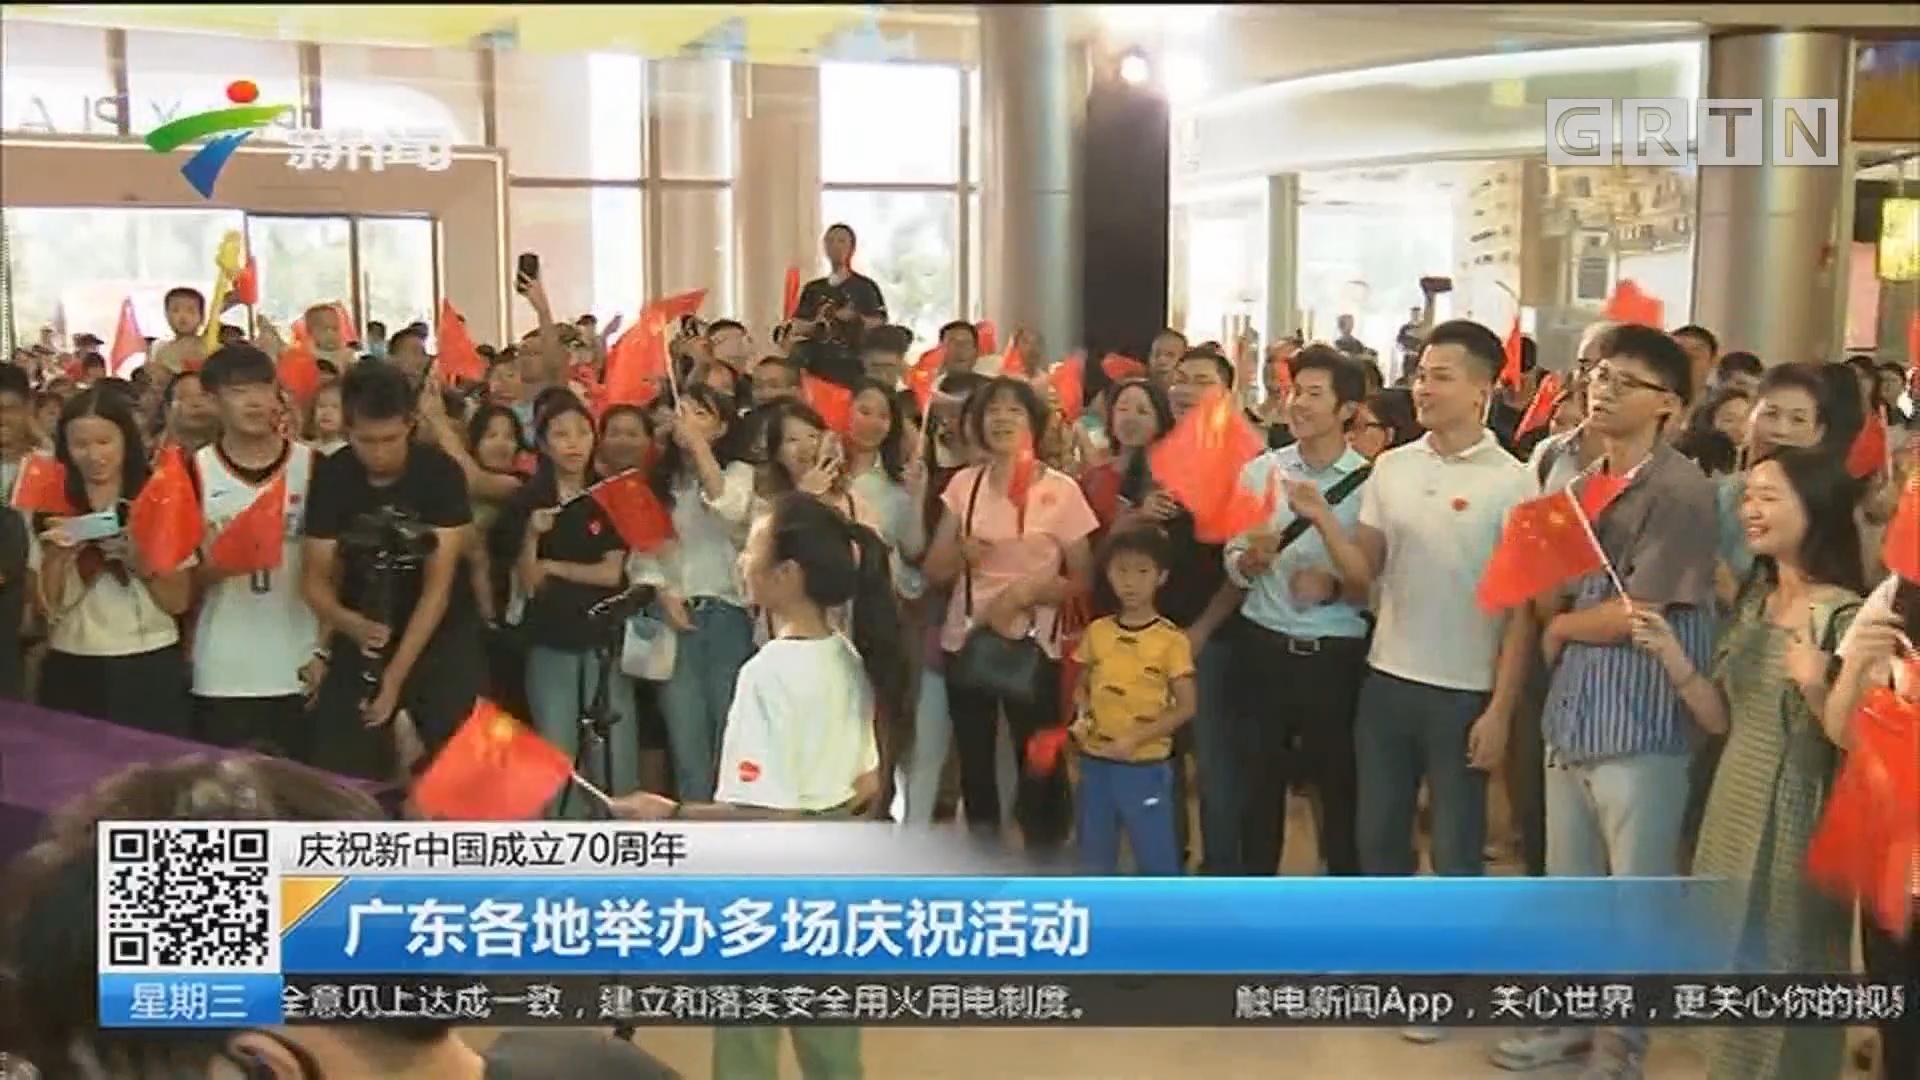 庆祝新中国成立70周年:广东各地举办多场庆祝活动